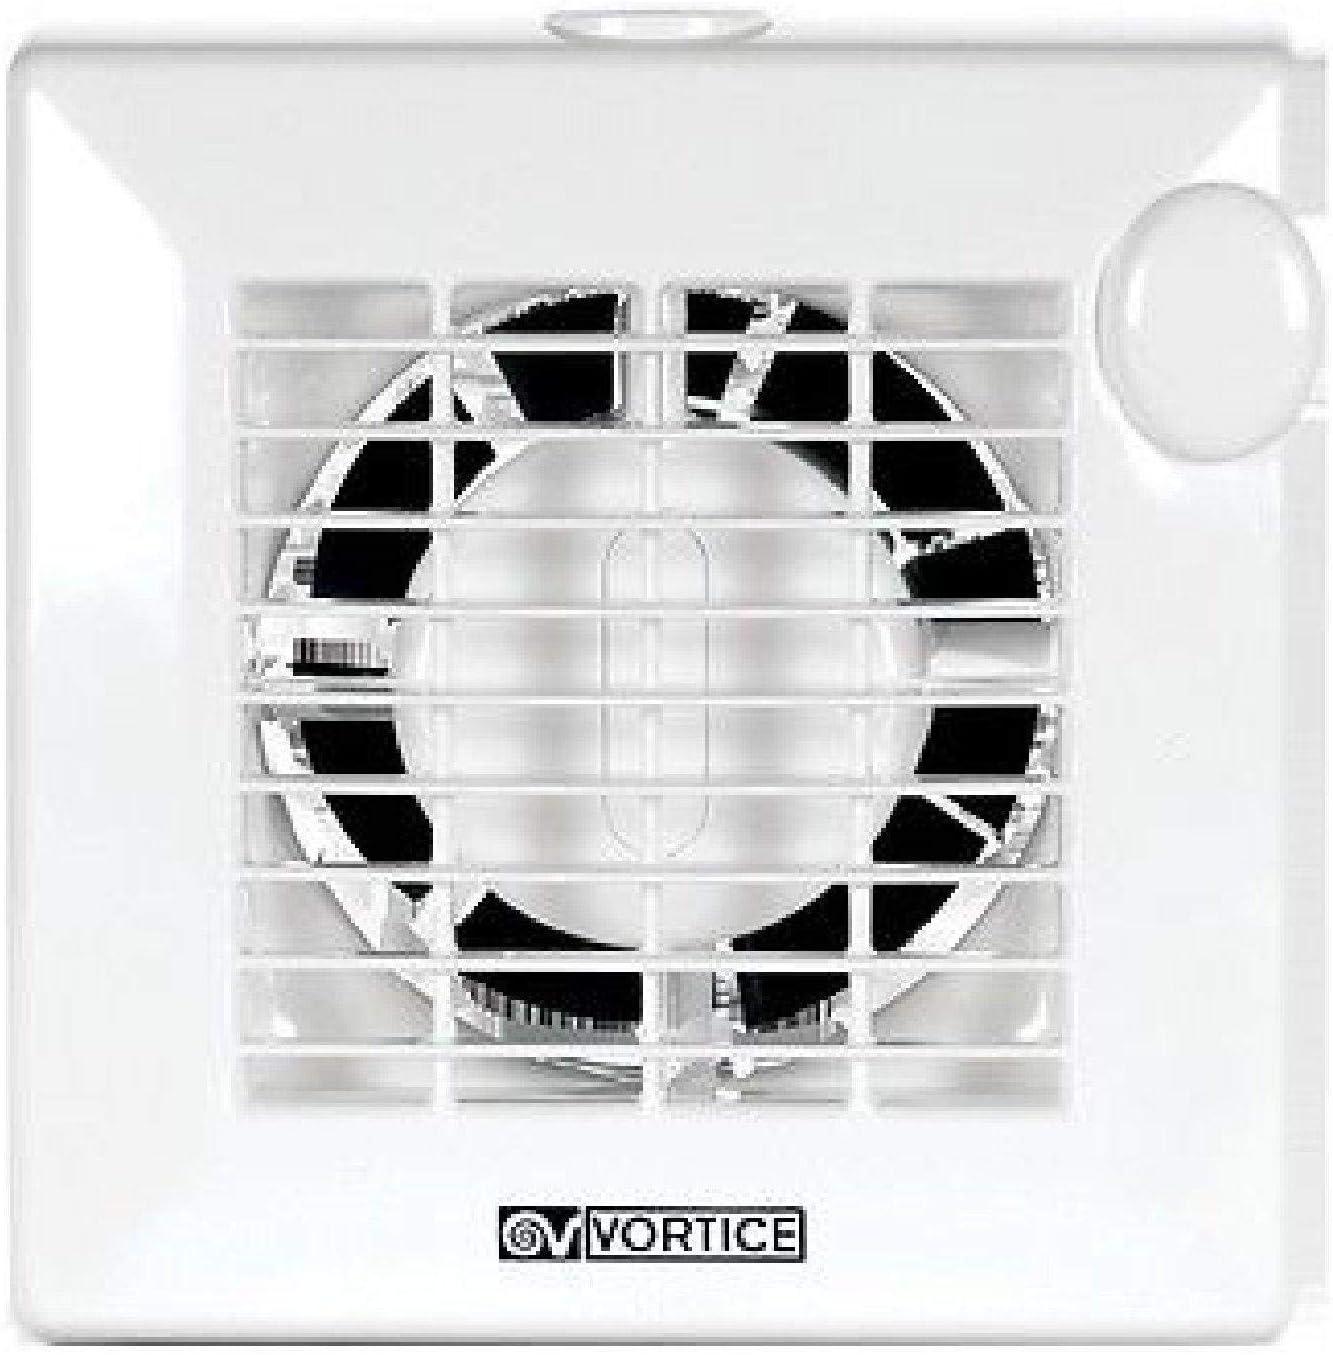 Vortice aspirador de pared de baño 30 W 150 mm de diámetro 11401: Amazon.es: Bricolaje y herramientas